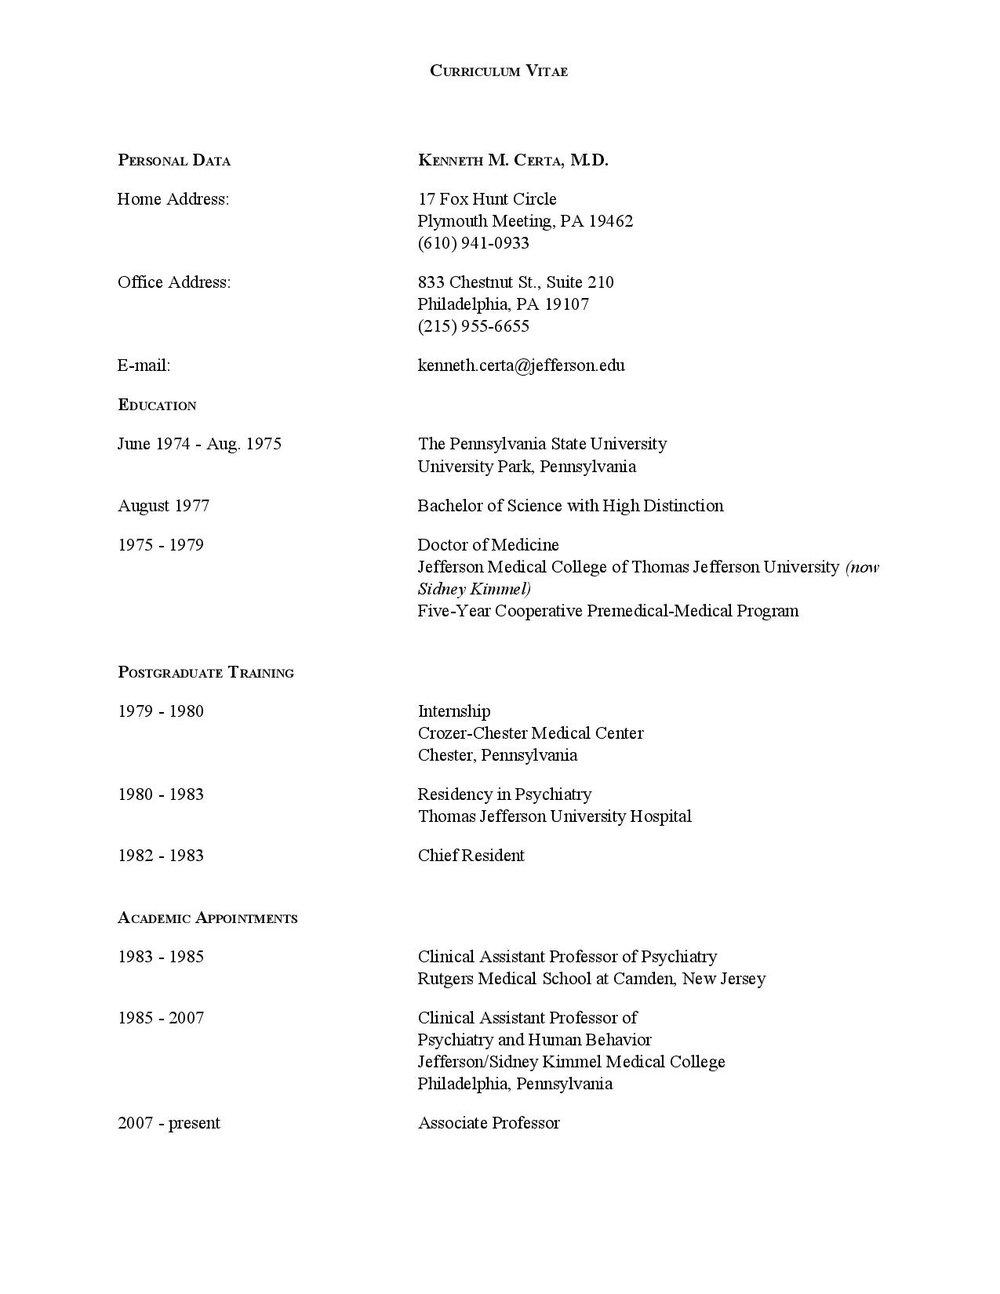 CV Ken Certa 1_12_18-page-001.jpg